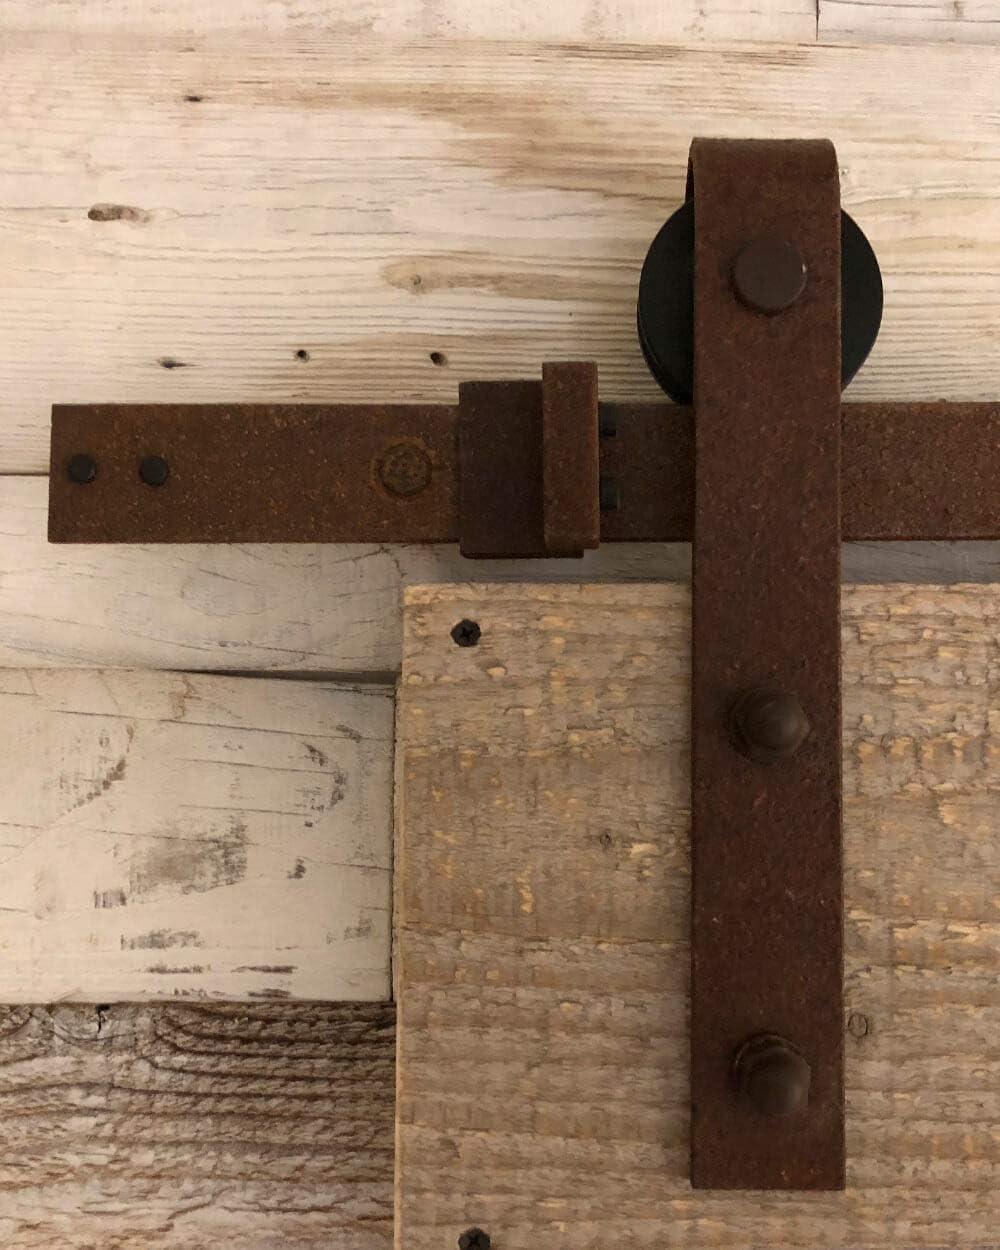 Sistema de puerta corredera recta 200 cm – Juego completo con ruedas y carril – Sistema de puerta corredera recta de 2 metros – 3 colores - Rust